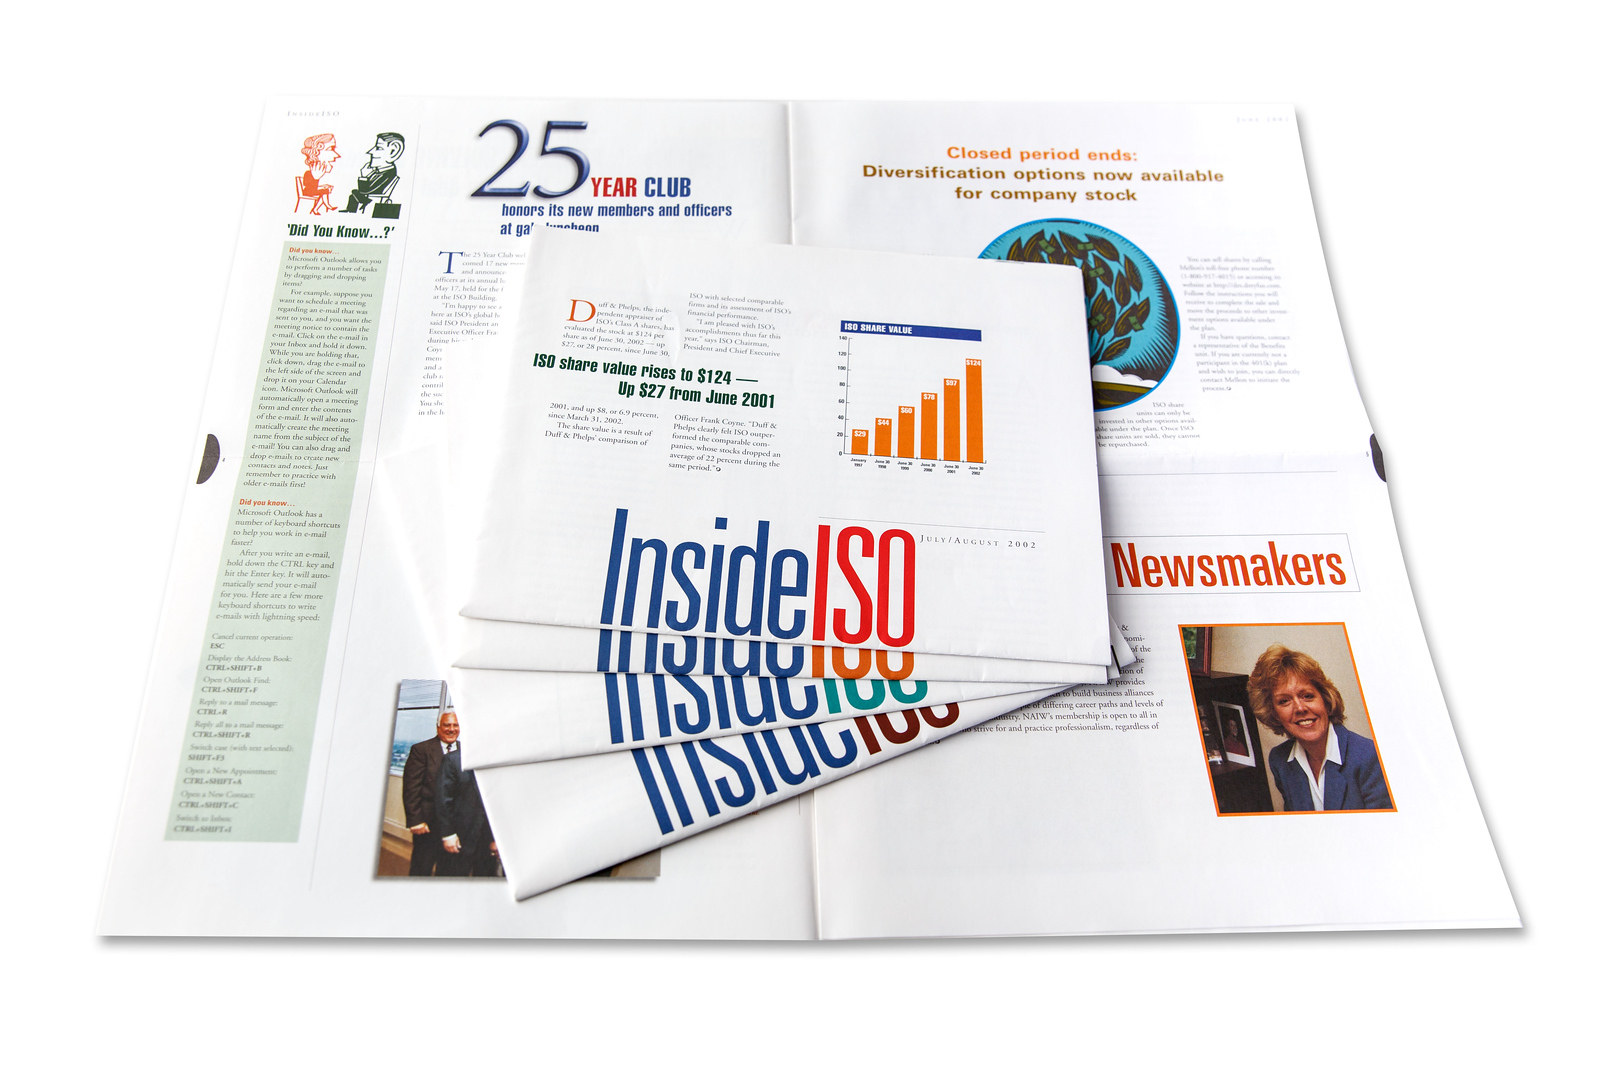 Inside ISO, Employee Communications Newsletter